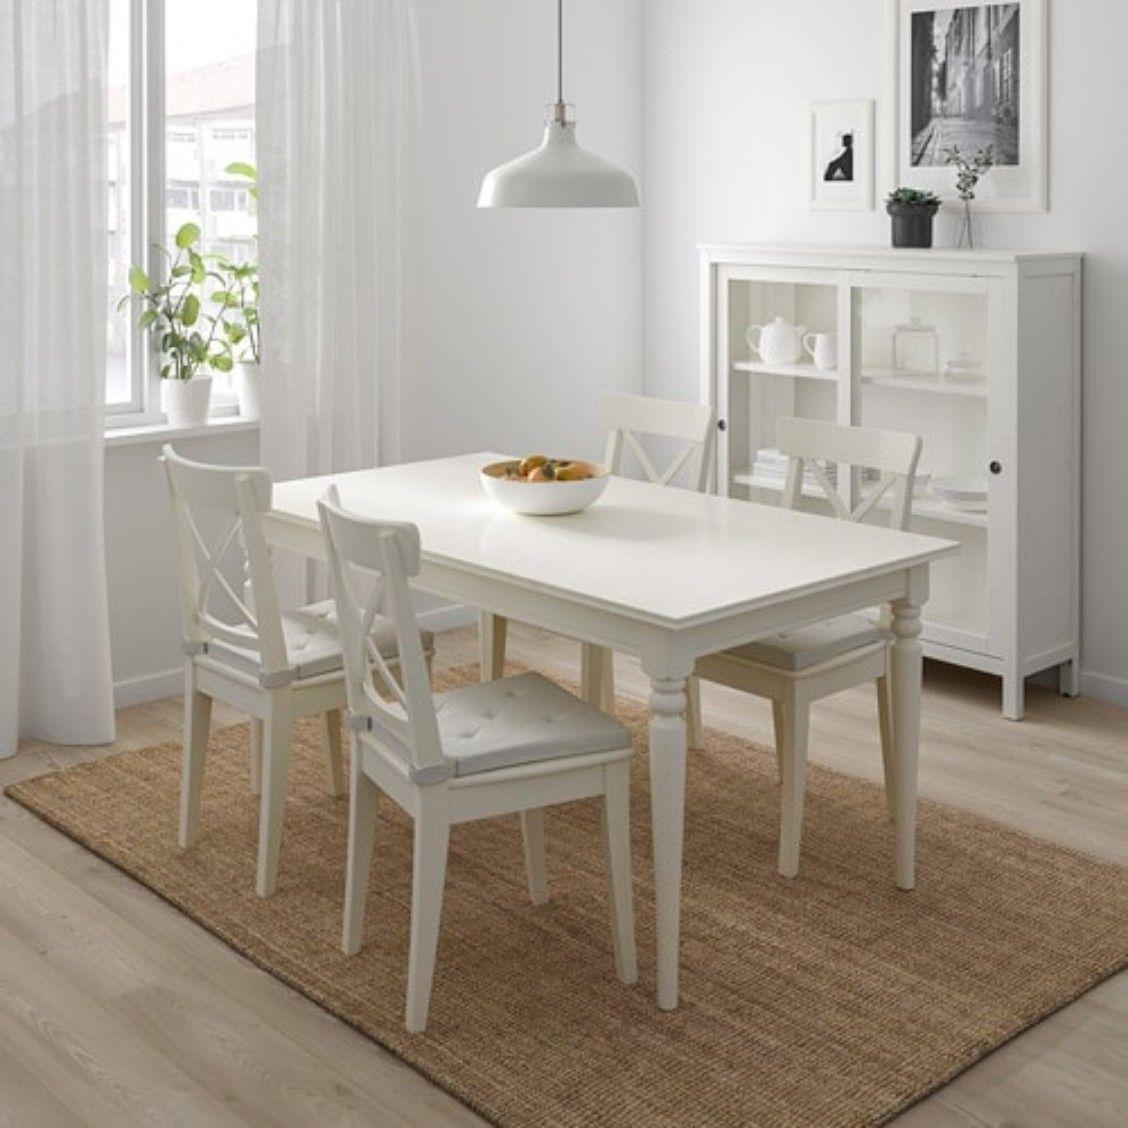 Pin von Kerstin Kramer auf Ikea Küche | Weiße stühle ...